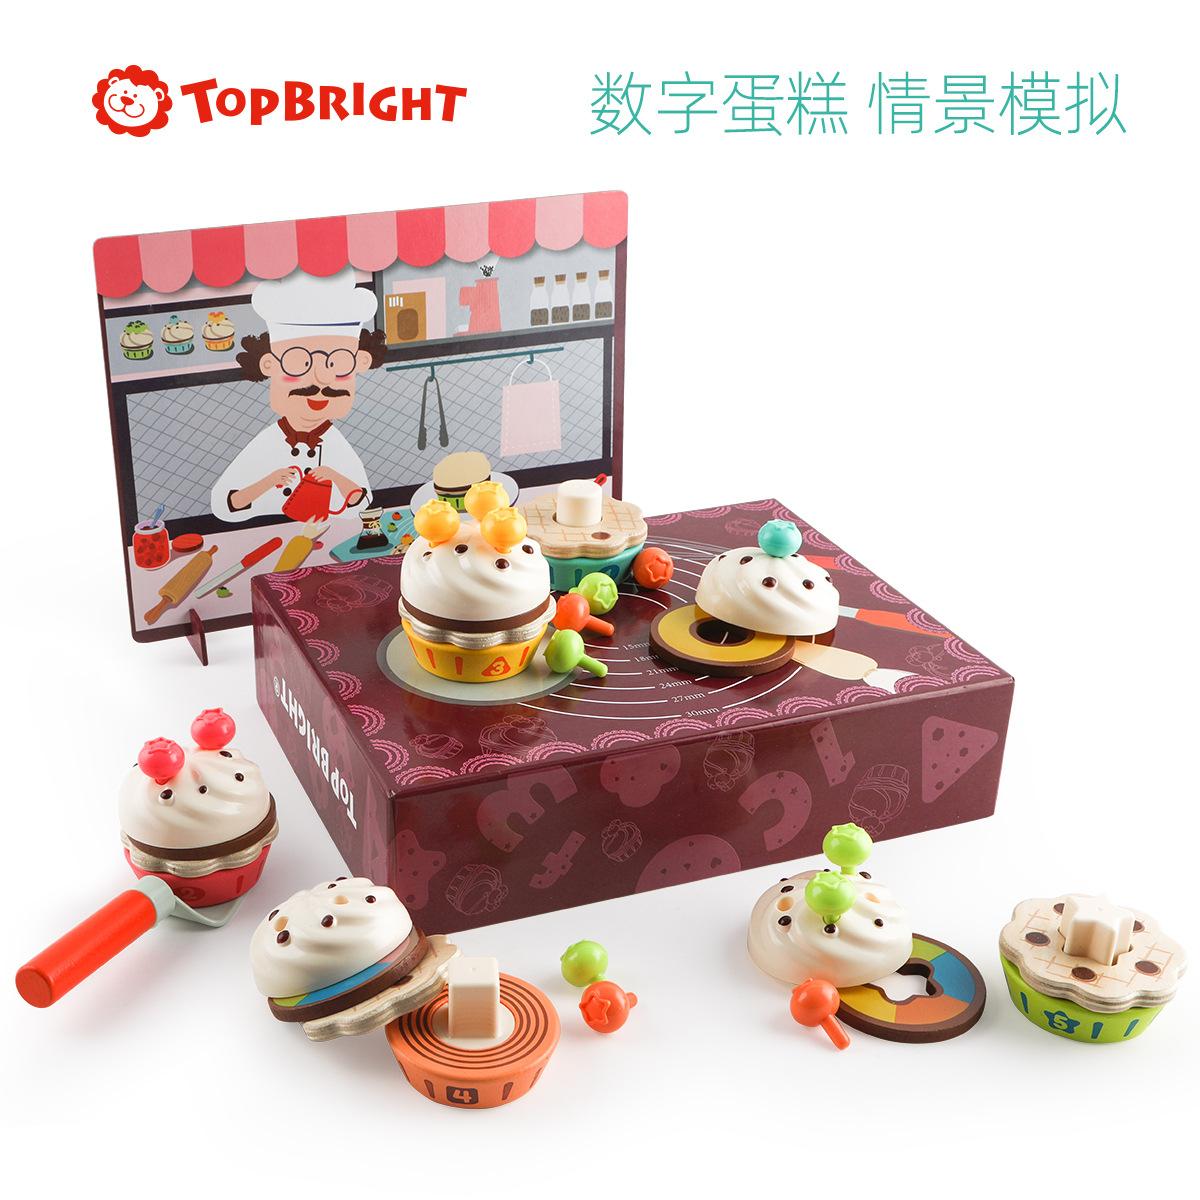 特宝儿过家家玩具蛋糕数字儿童玩具_特宝儿过家家玩具蛋糕数字认知游戏玩具厨房套装男孩女孩儿童玩具